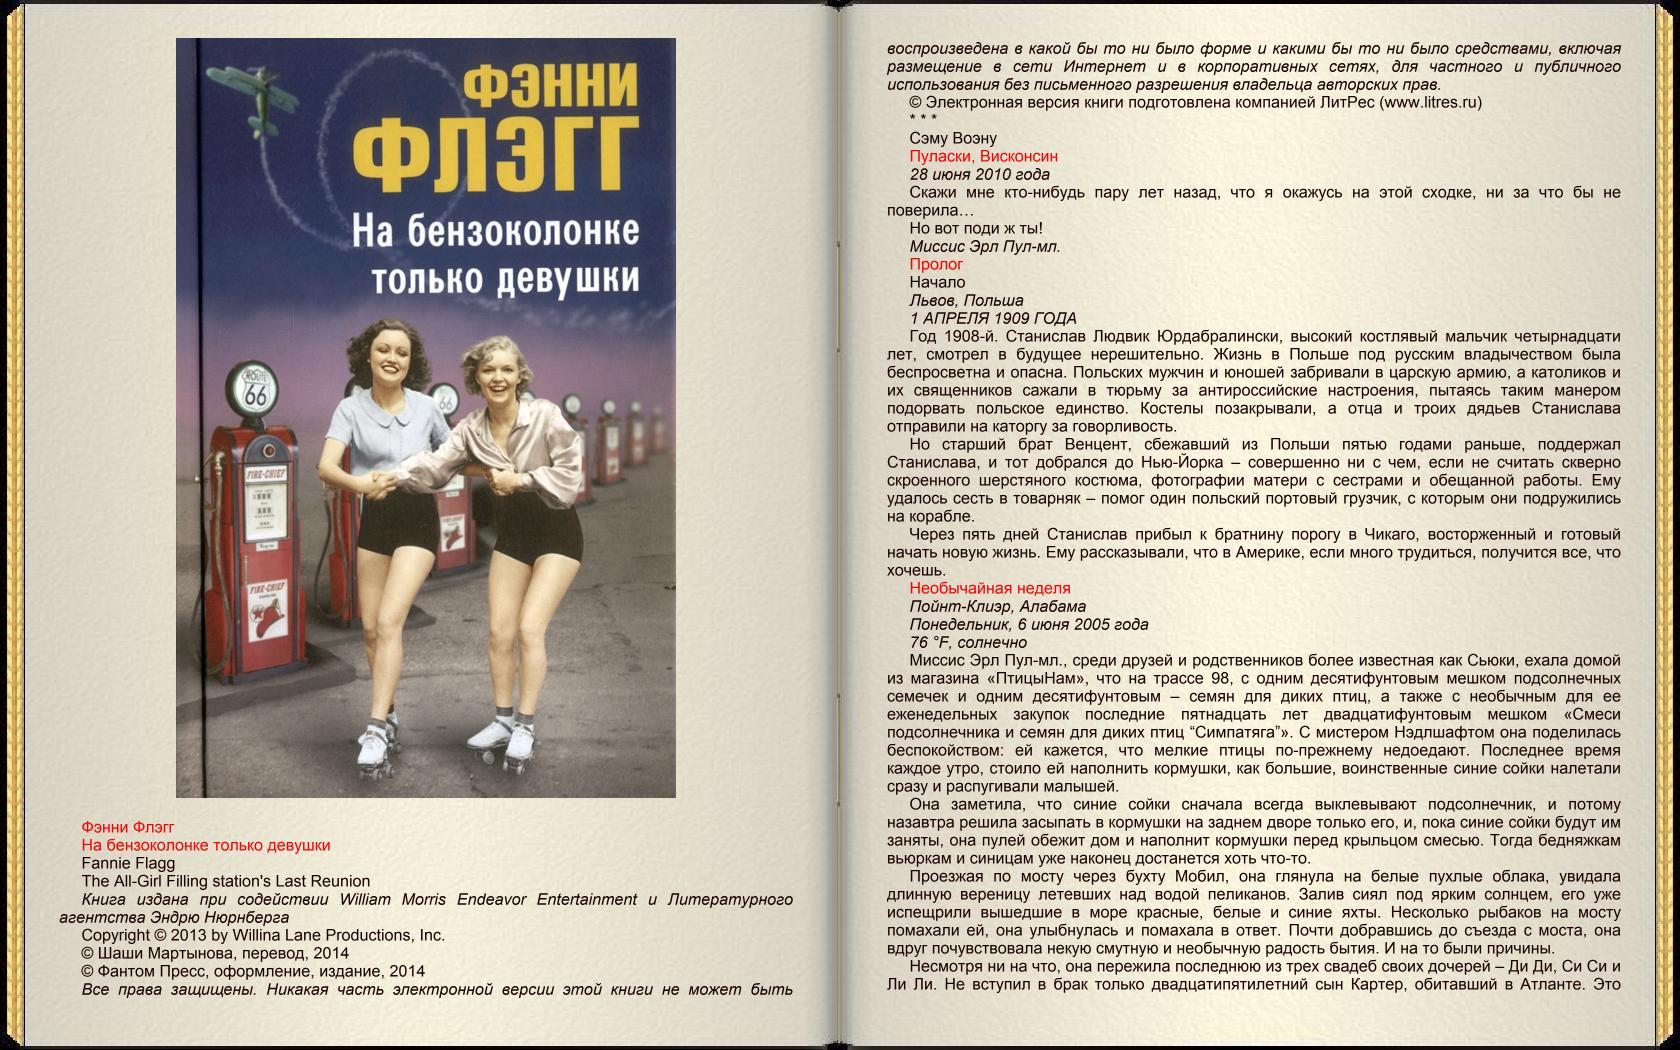 http://i1.imageban.ru/out/2016/01/25/33c27cee479744d60bd262e07108769d.jpg